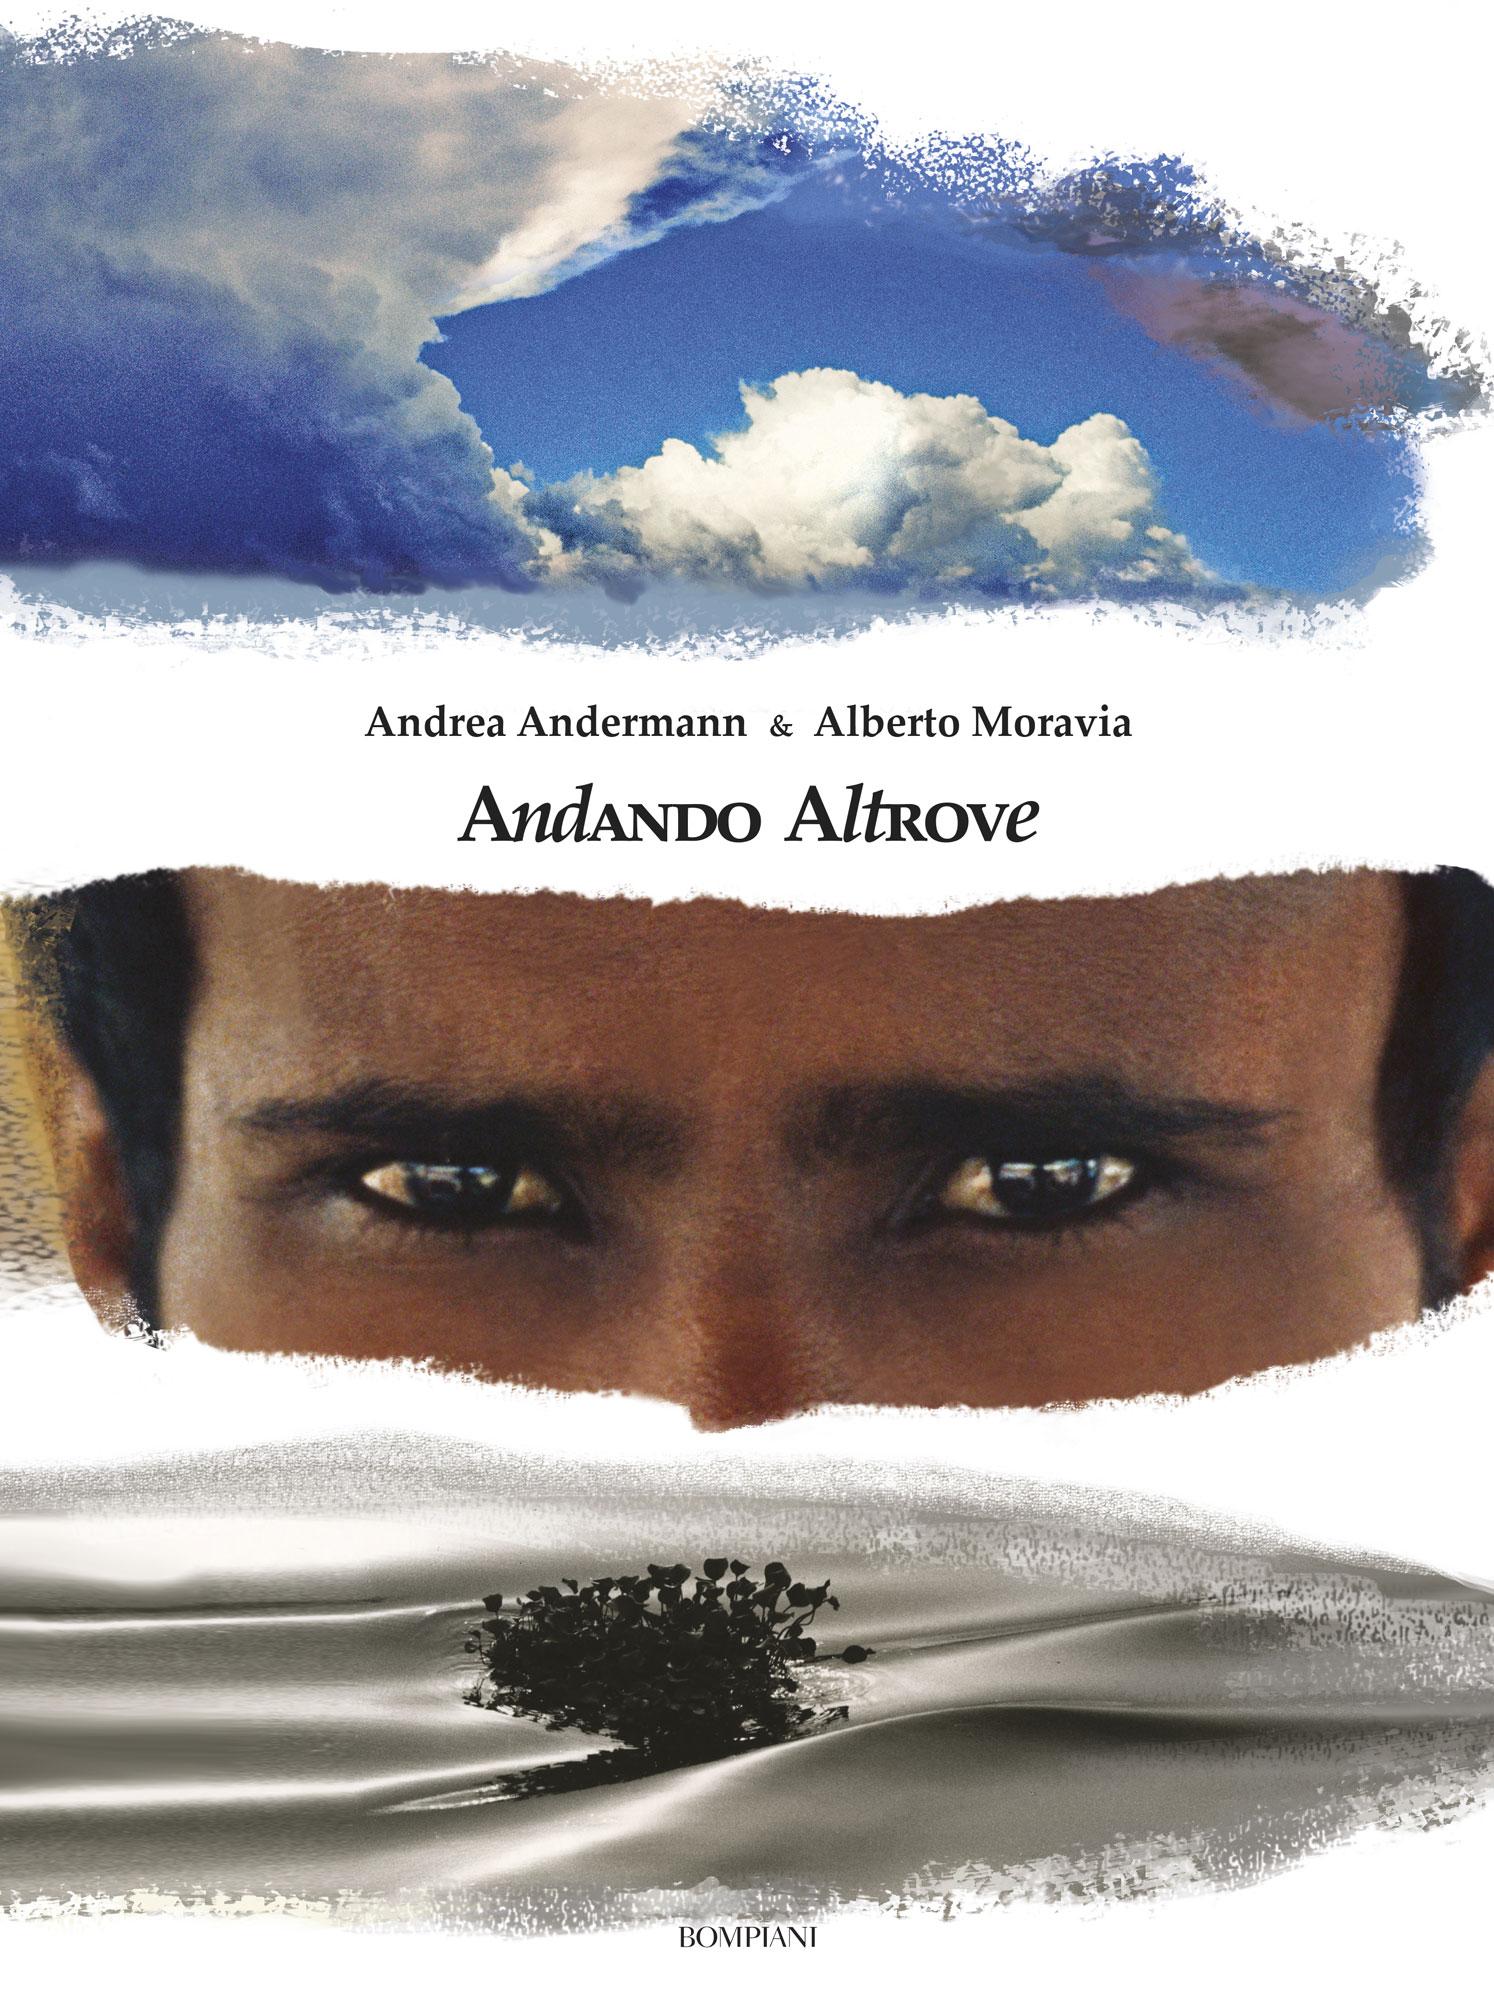 Copertina-Fronte ANDANDO ALTROVE